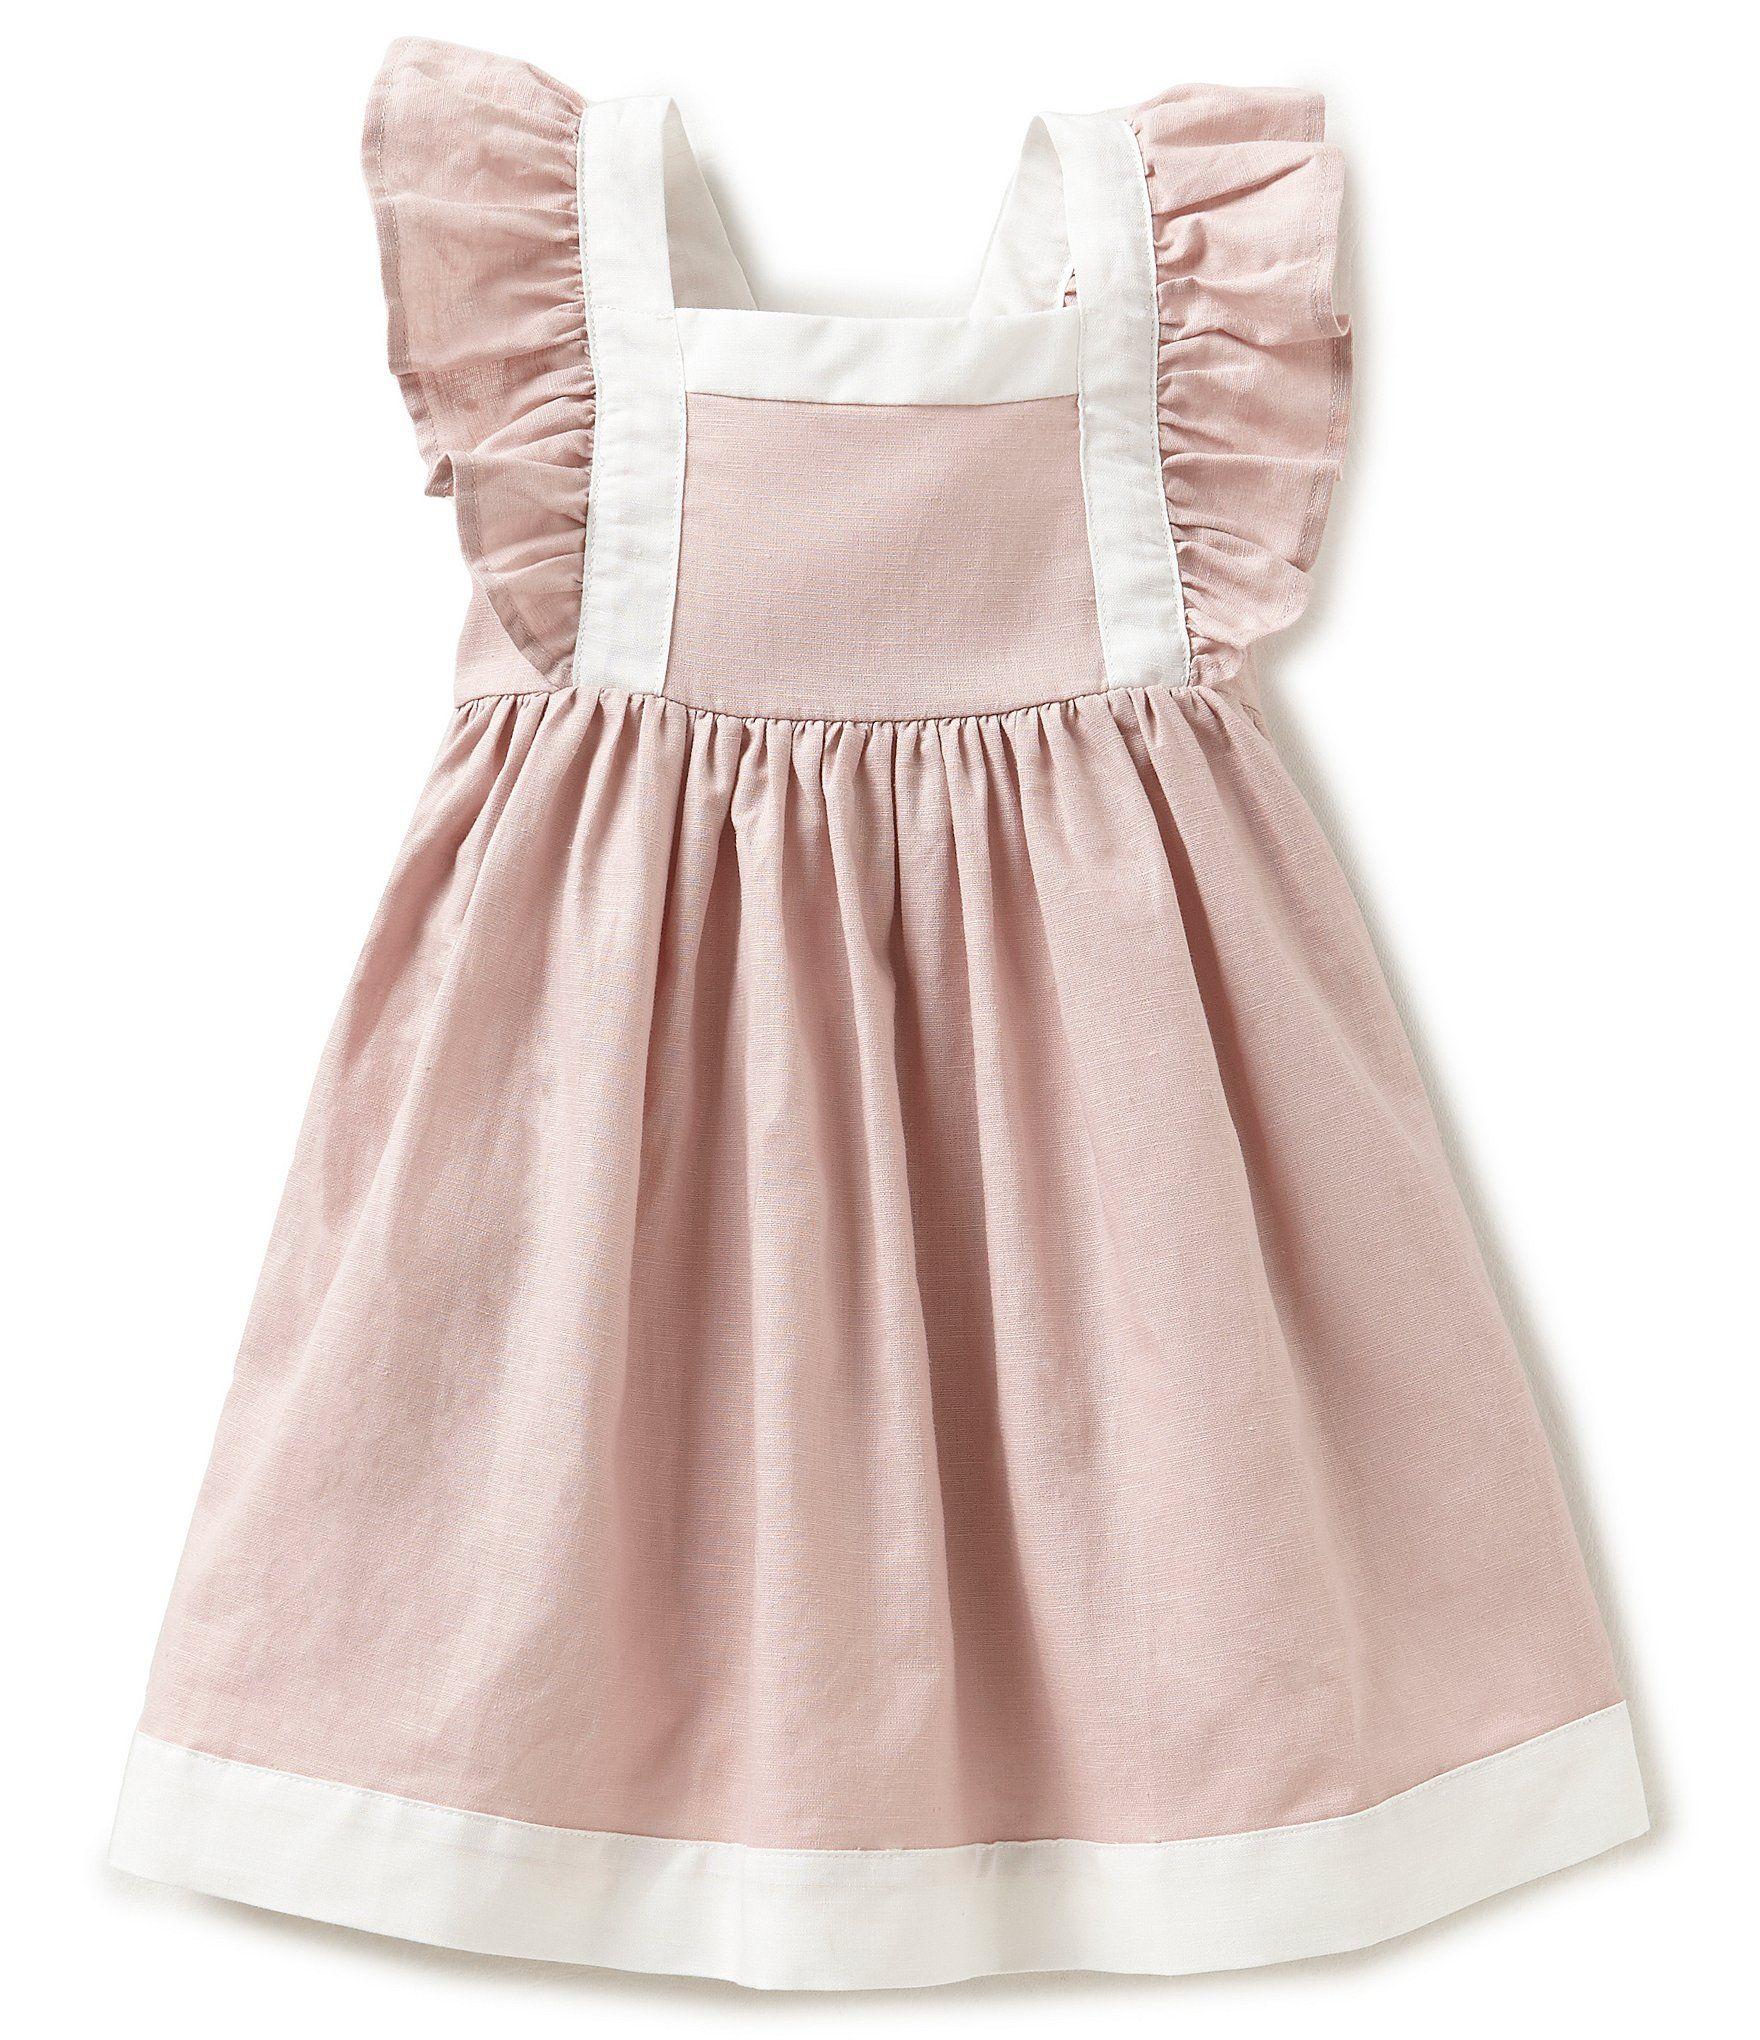 d4fb78c0551 Edgehill Collection Little Girls 2T4T Linen FlutterSleeve Dress  Dillards